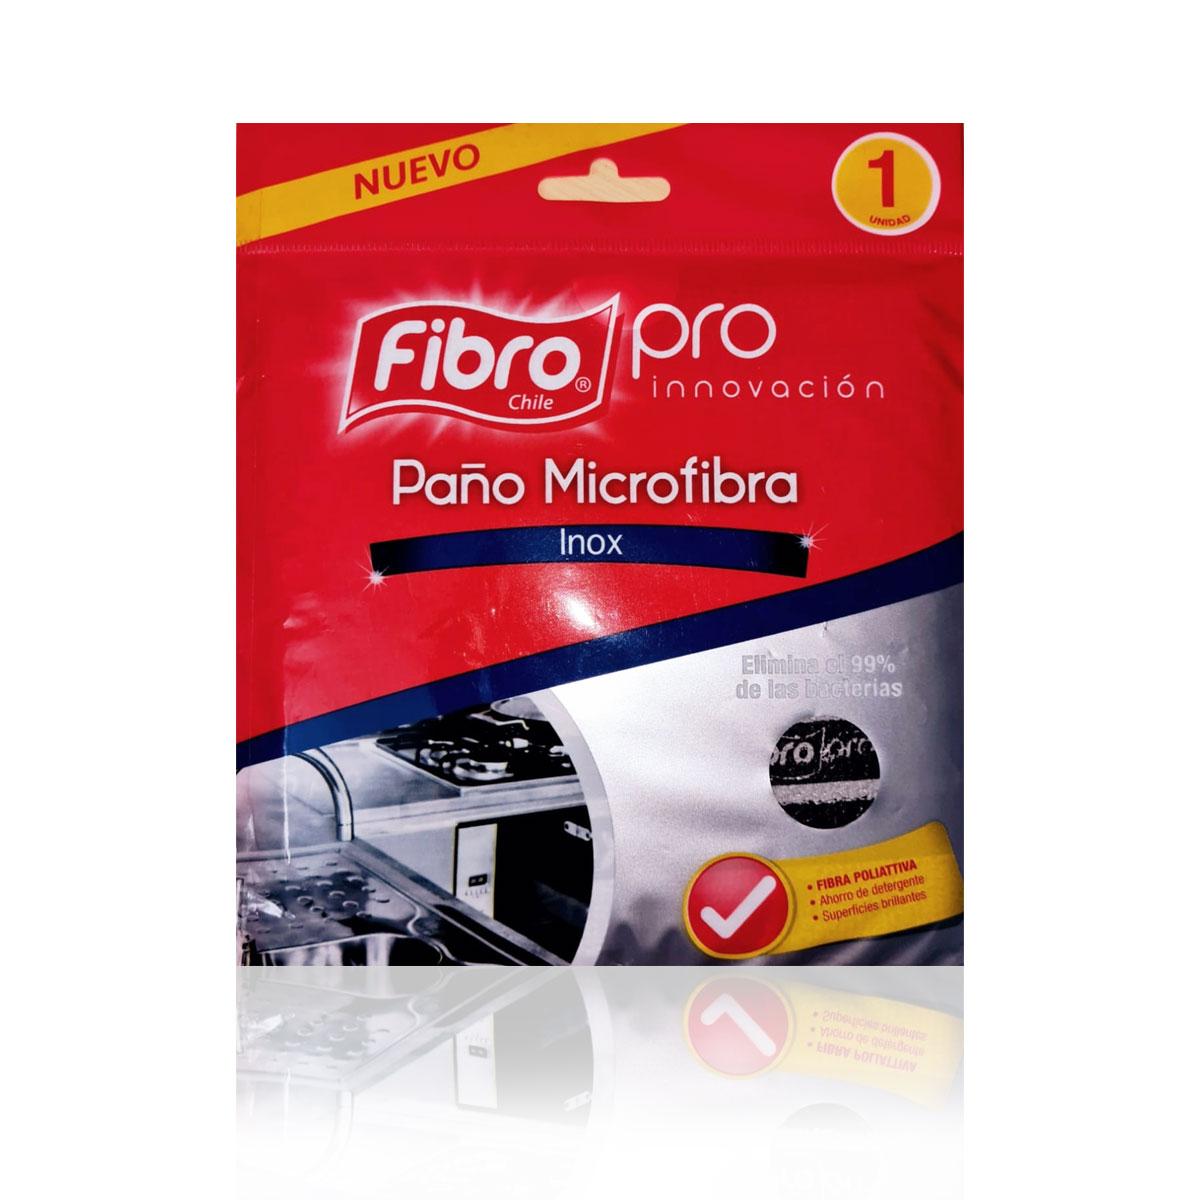 Paño inox Fibro Pro